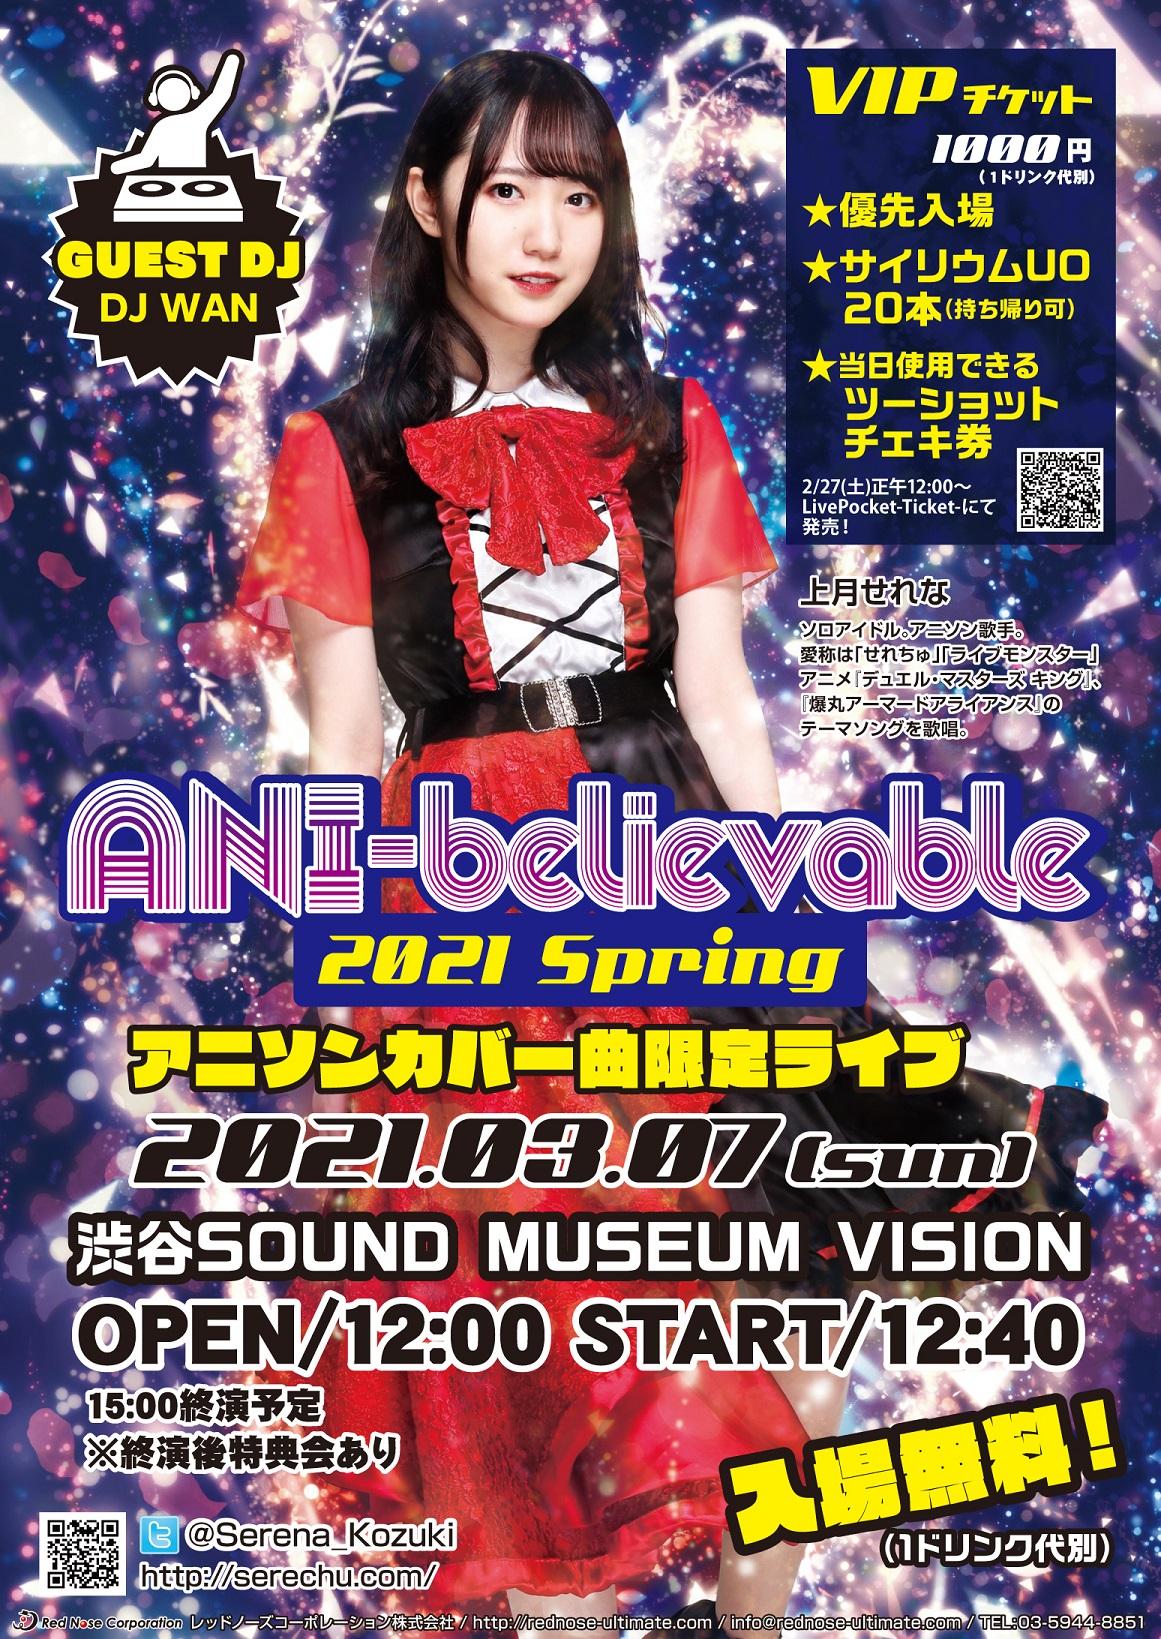 上月せれな アニソンカバー曲限定ライブ『ANI - believable 2021 Spring』